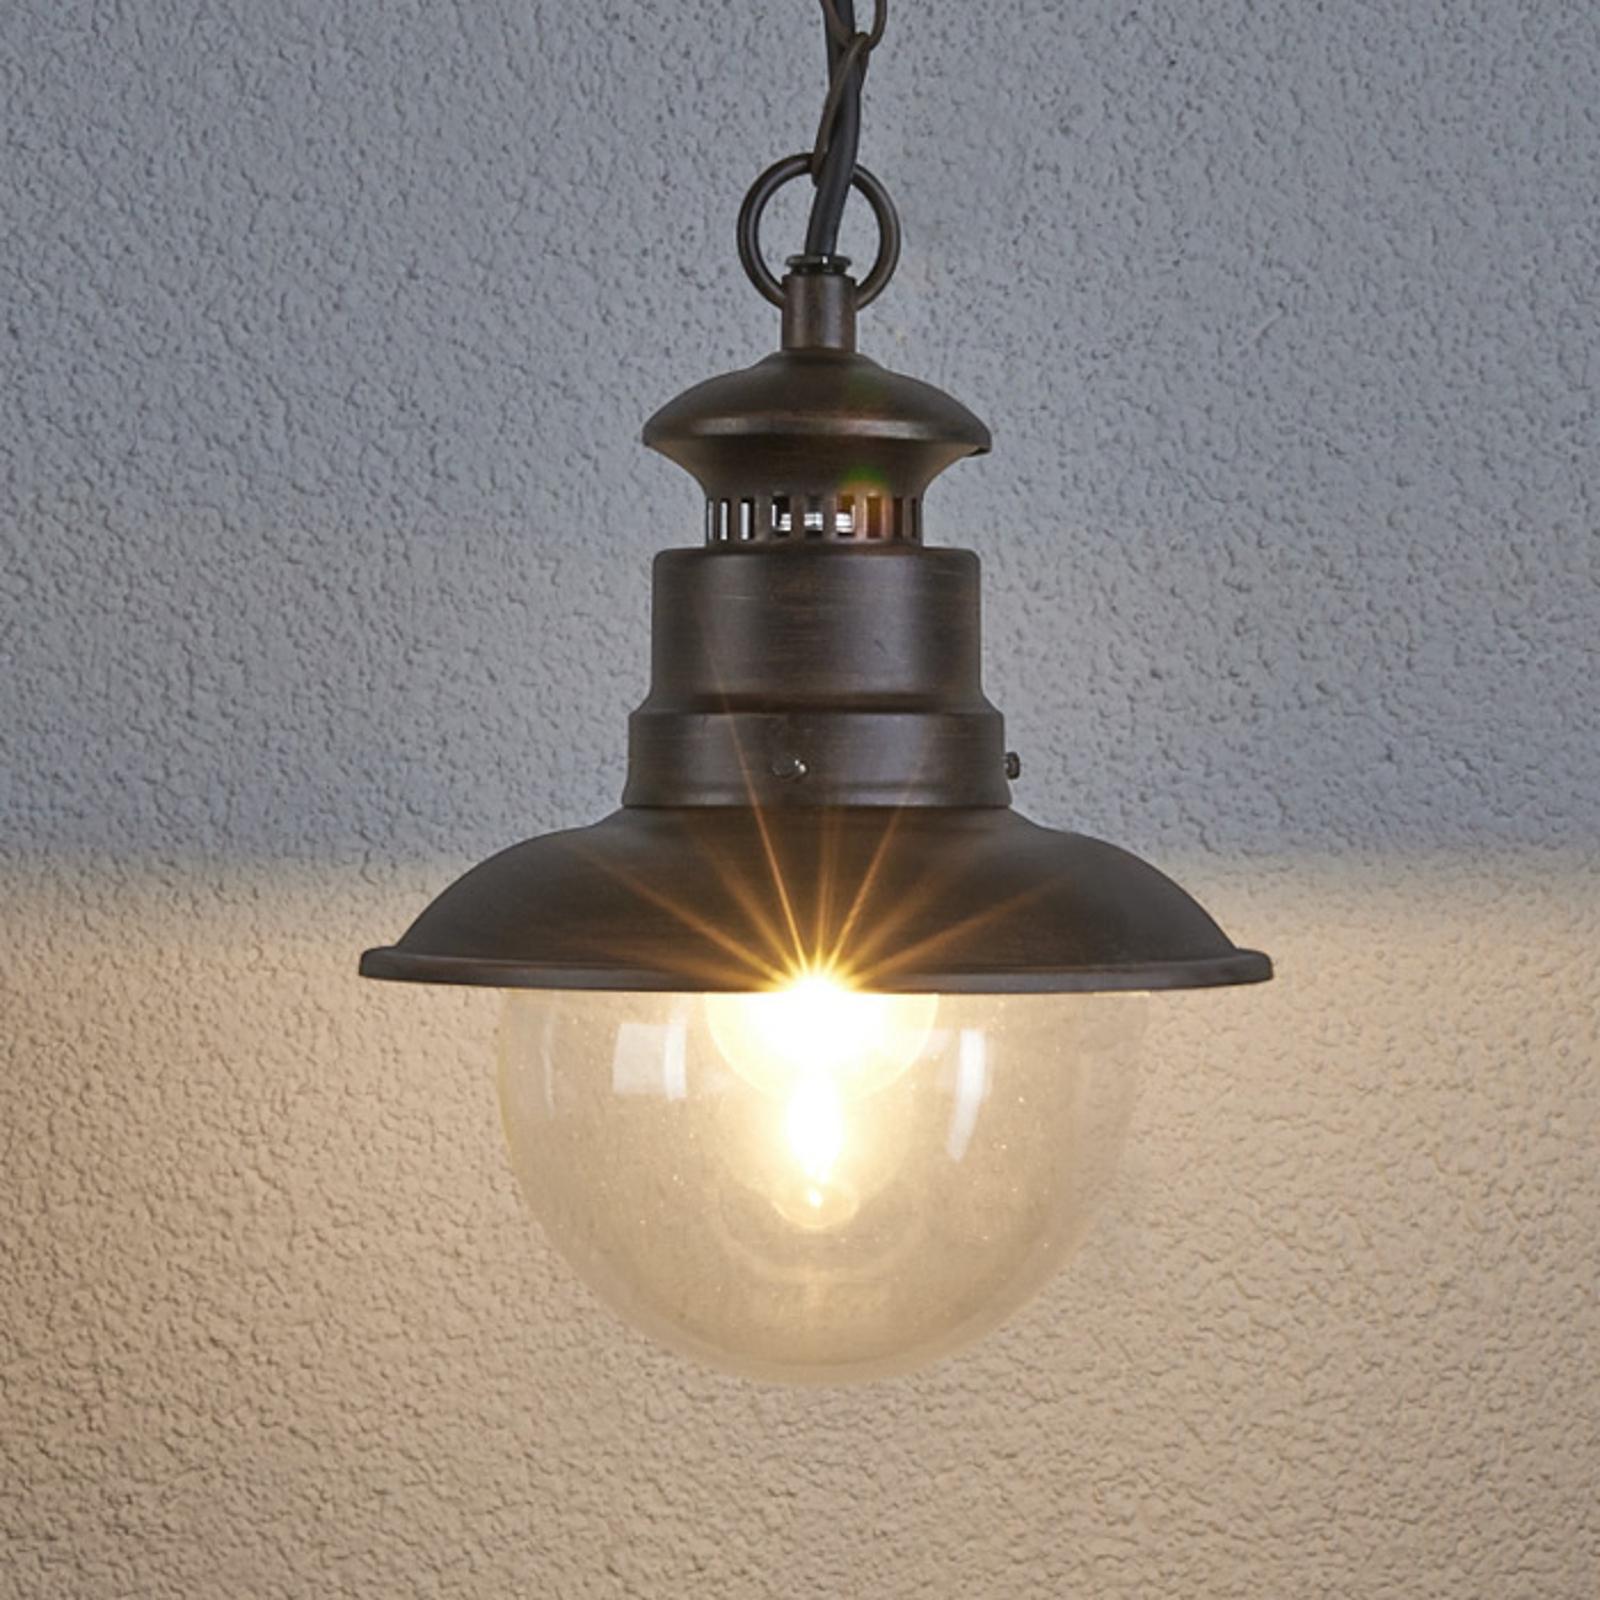 Buiten-hanglamp Eddie in landelijke stijl